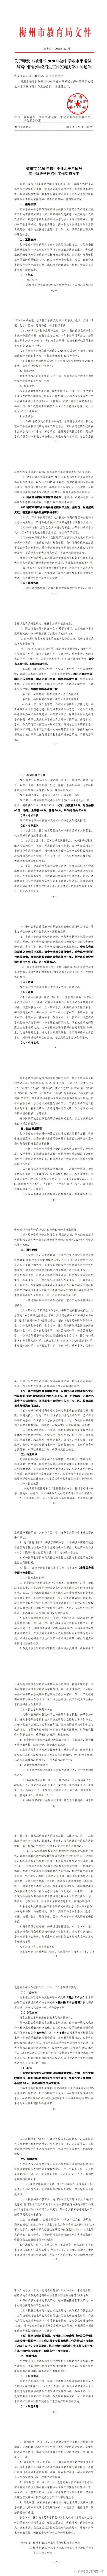 重磅!五华县高级中学调整为梅州市高中阶段学校招生第一批录取学校